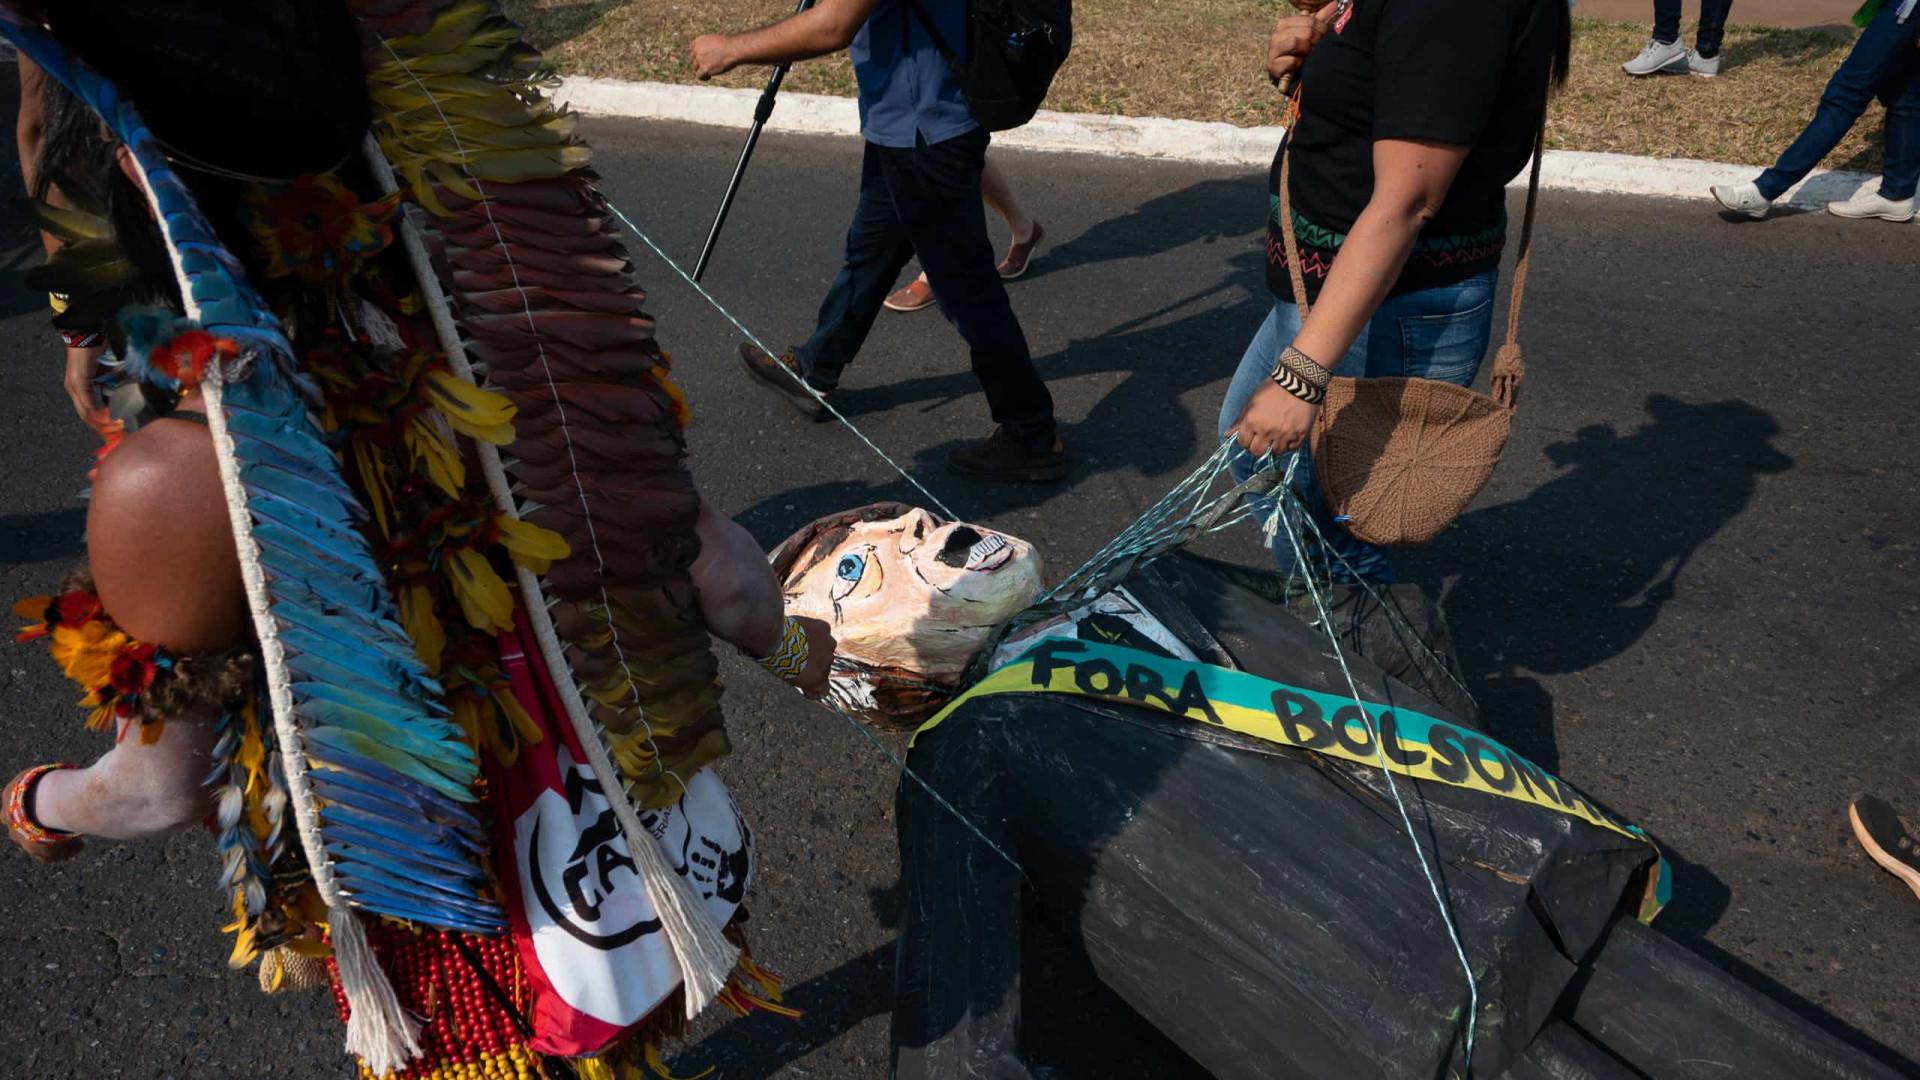 Racha escancarado após protesto contra Bolsonaro reforça entraves para atos unitários